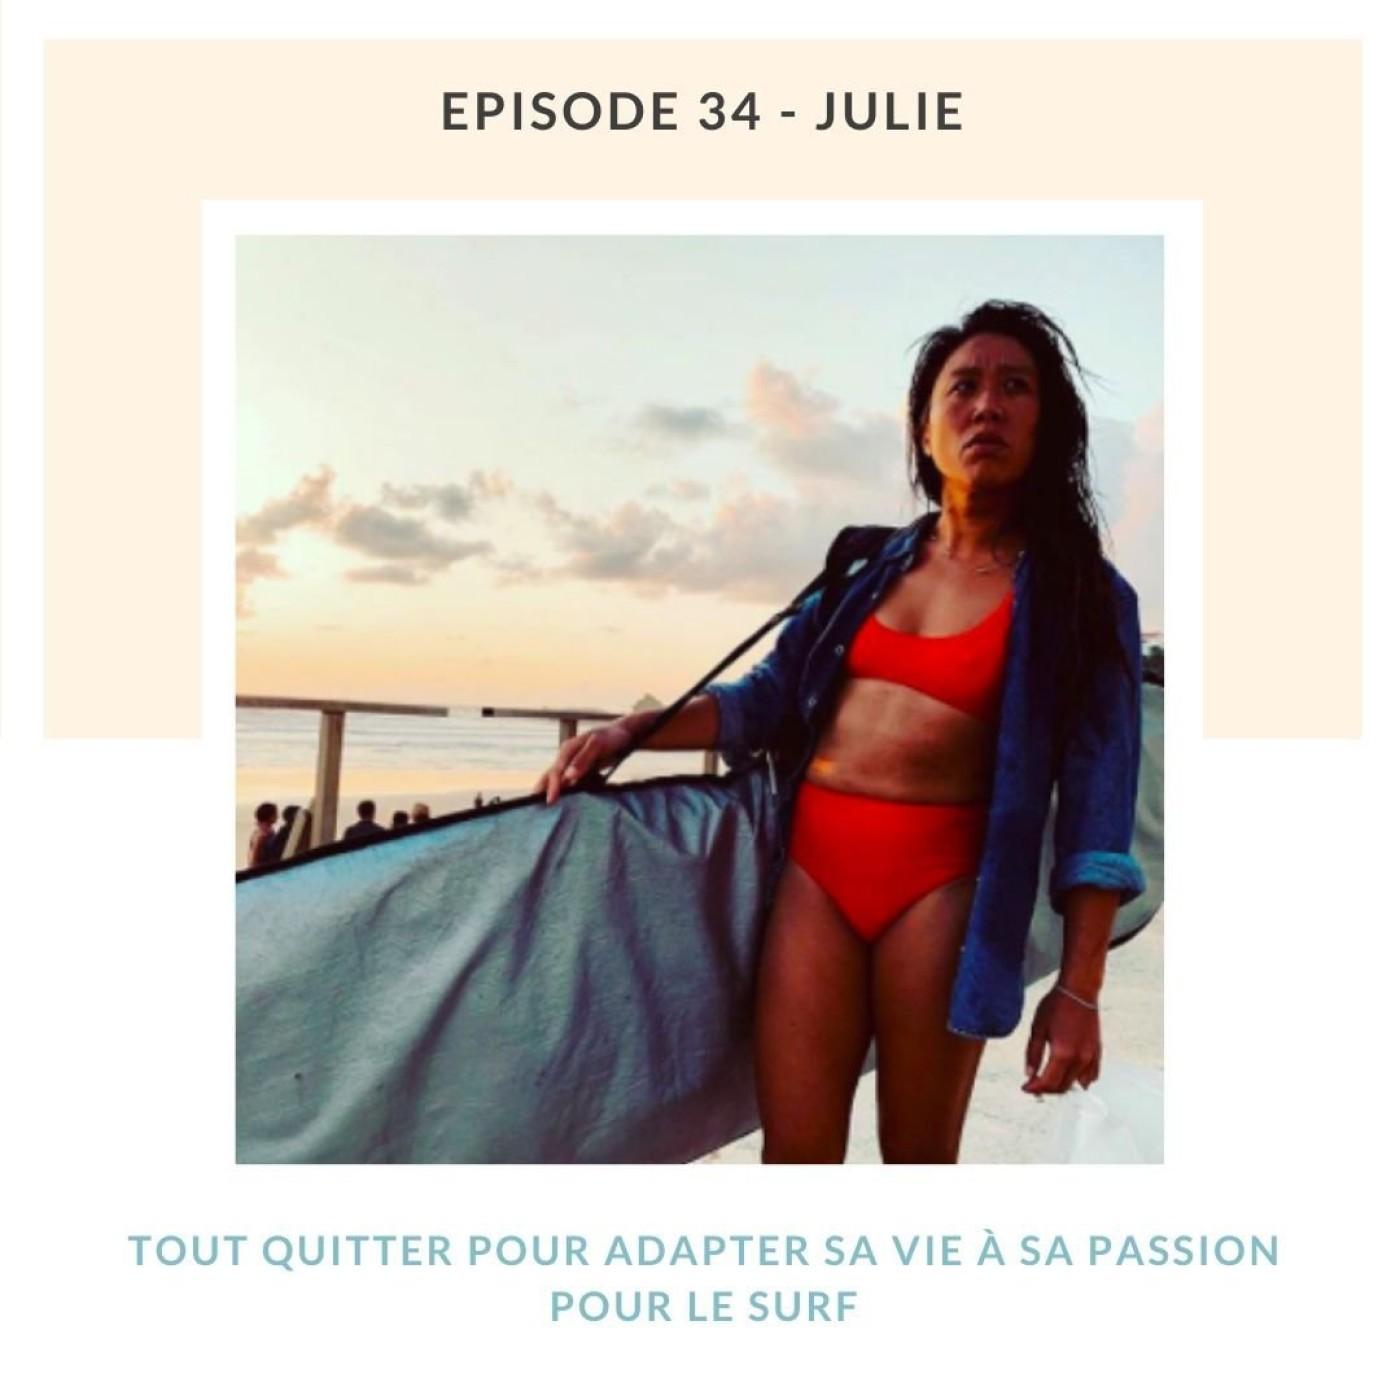 Julie   Tout quitter pour adapter sa vie à sa passion pour le surf